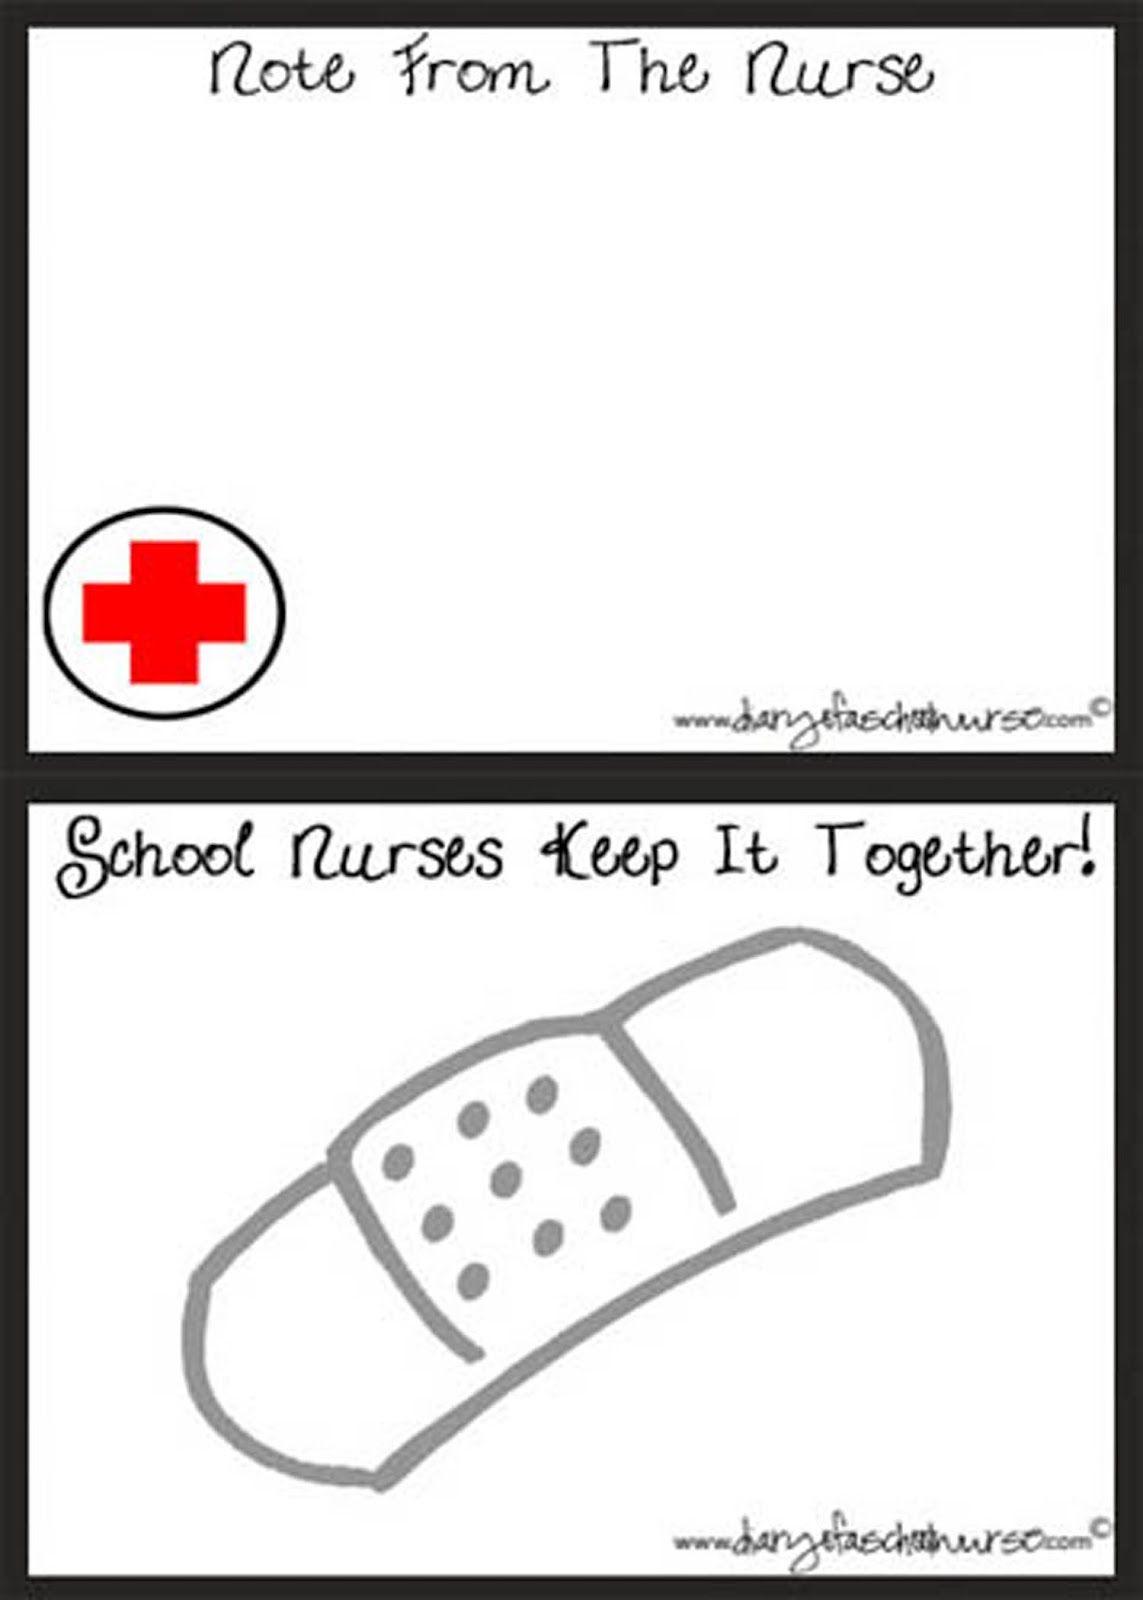 diary of a school nurse blog.school nurse and school